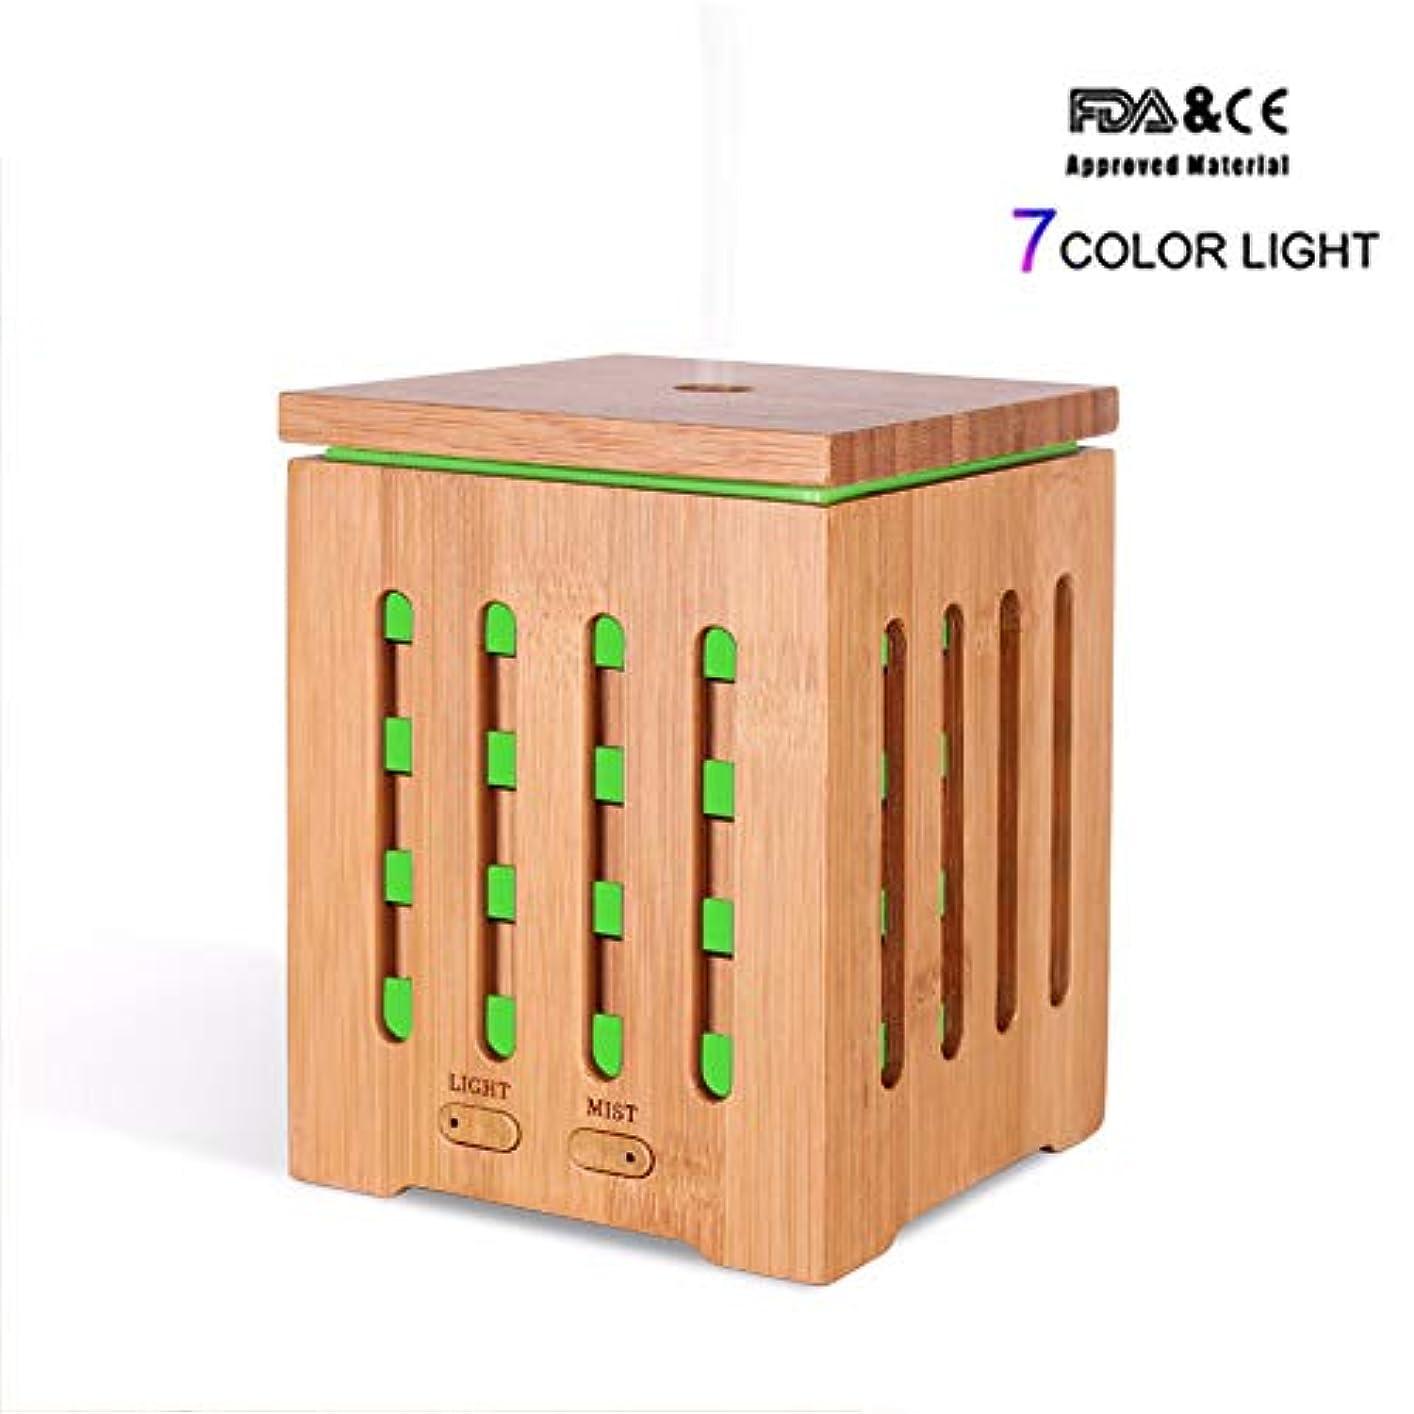 漏れ確認してください格納200MLリアル竹エッセンシャルオイルディフューザーアロマテラピー空気加湿器7色LEDライトホームワークスSPA健康的